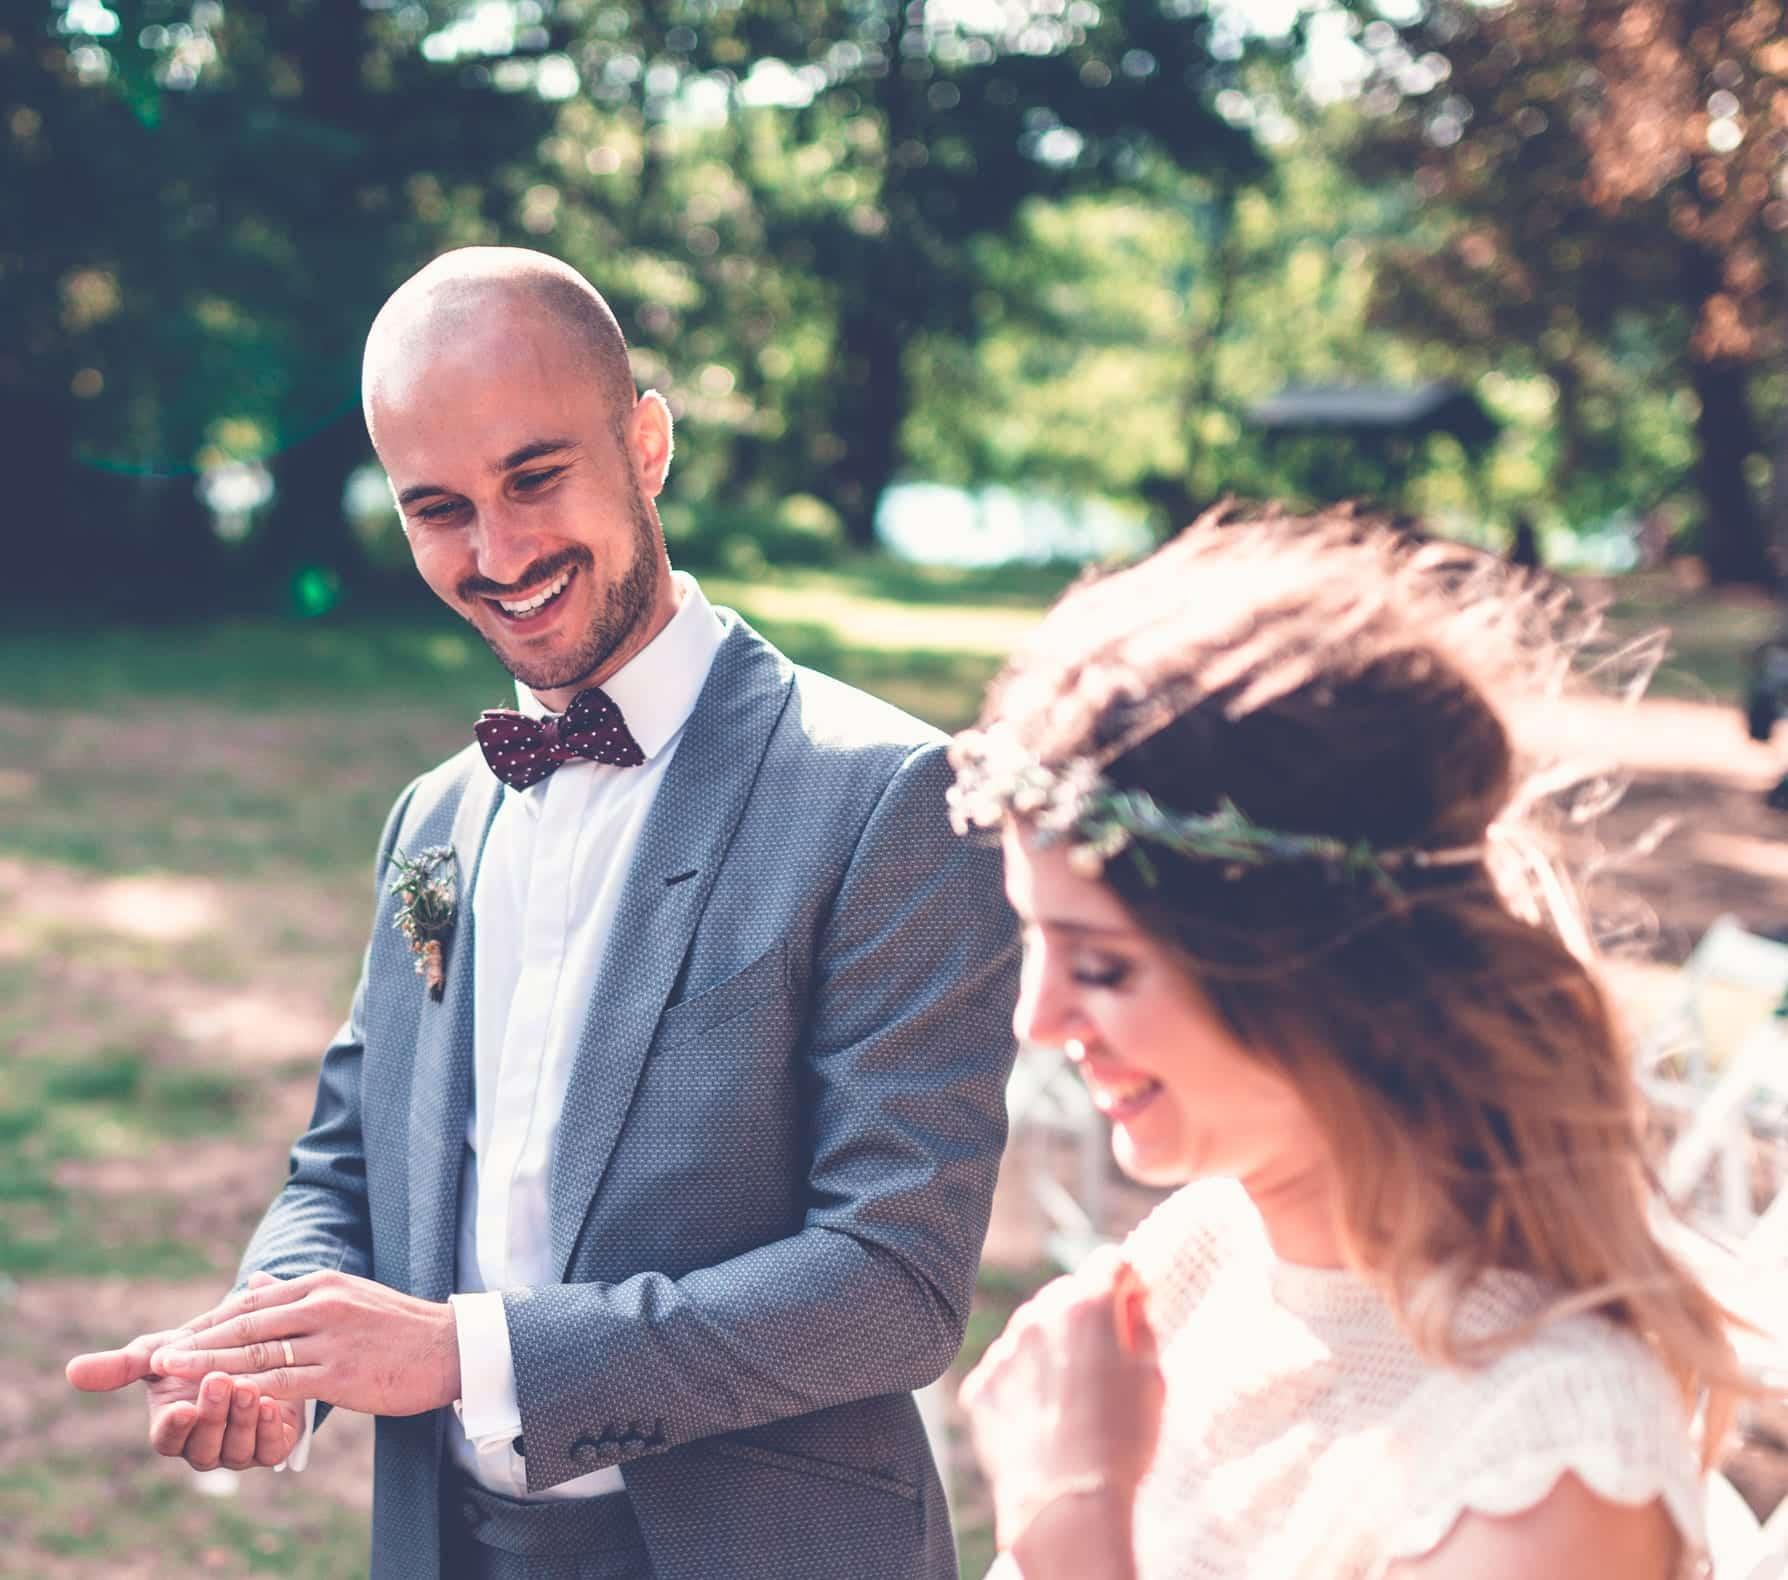 Das Brautpaar lacht über den Zaubertrick in den Händen der Braut. Der Hochzeitszauberer steht daneben ist aber nicht mehr im Bild.